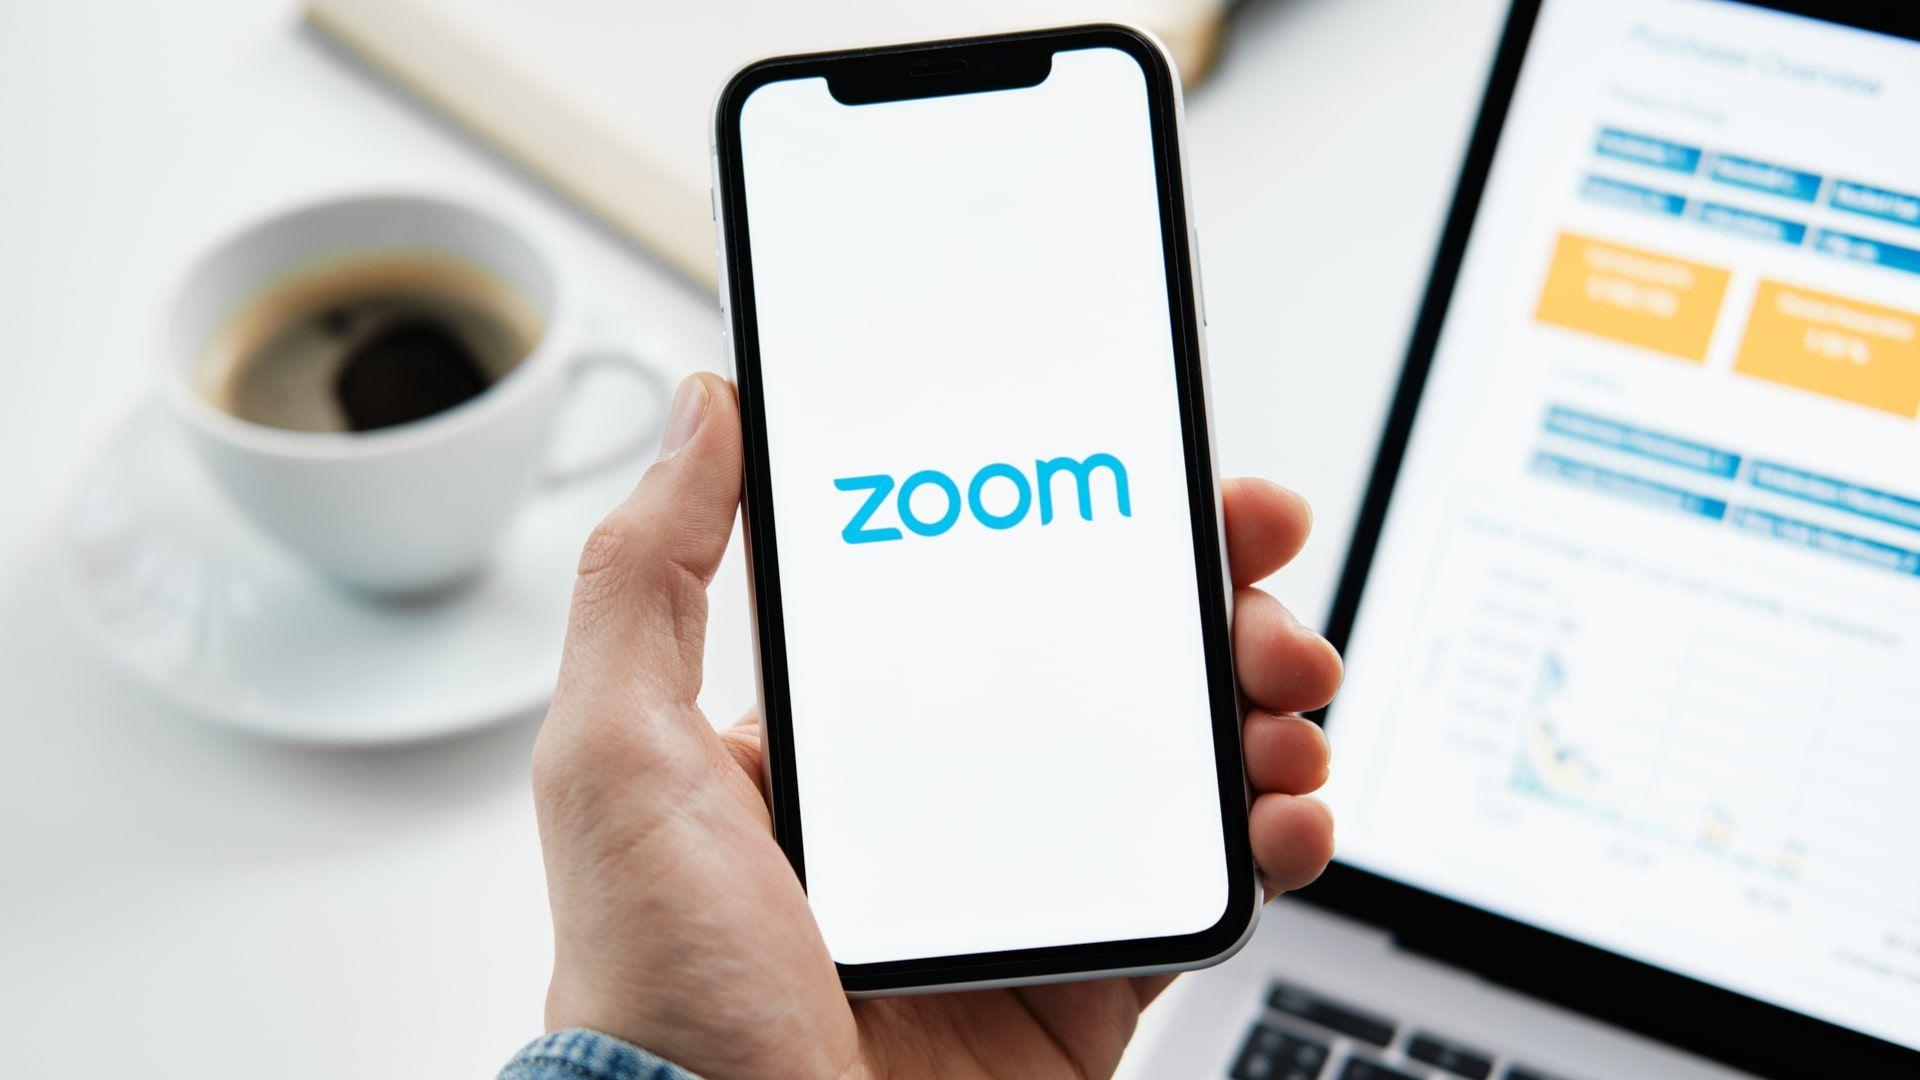 App de videoconferências Zoom permite grande quantidade de pessoas na mesma sala de reunião (Foto: Shutterstock)